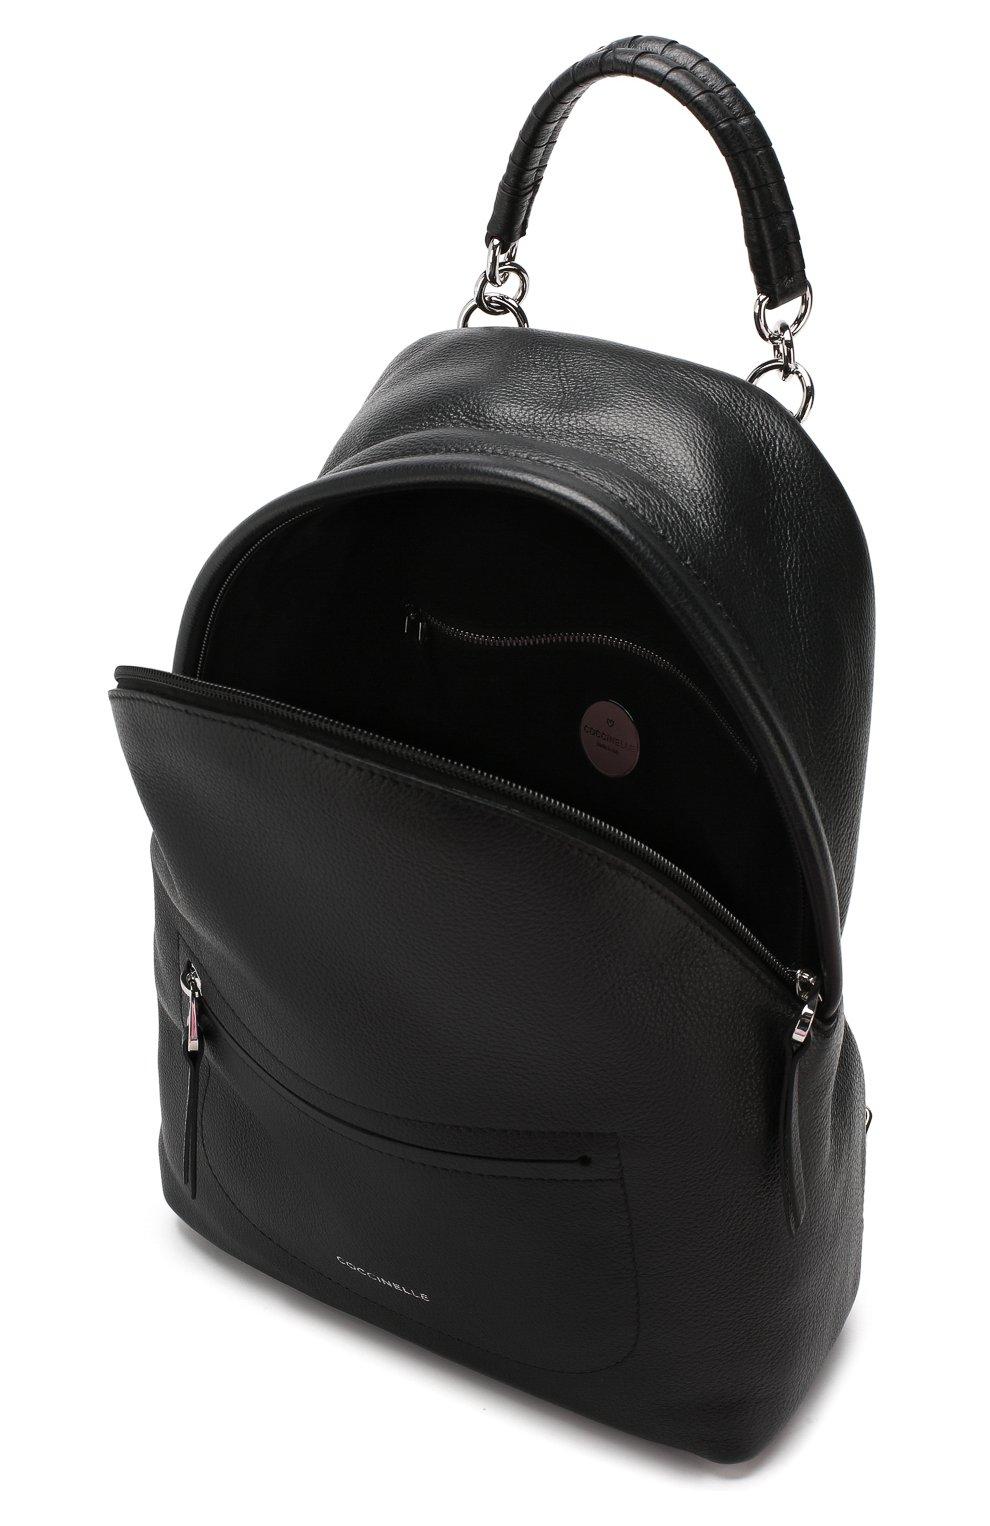 363d33981a84 Женский черный рюкзак leonie COCCINELLE — купить за 25800 руб. в ...